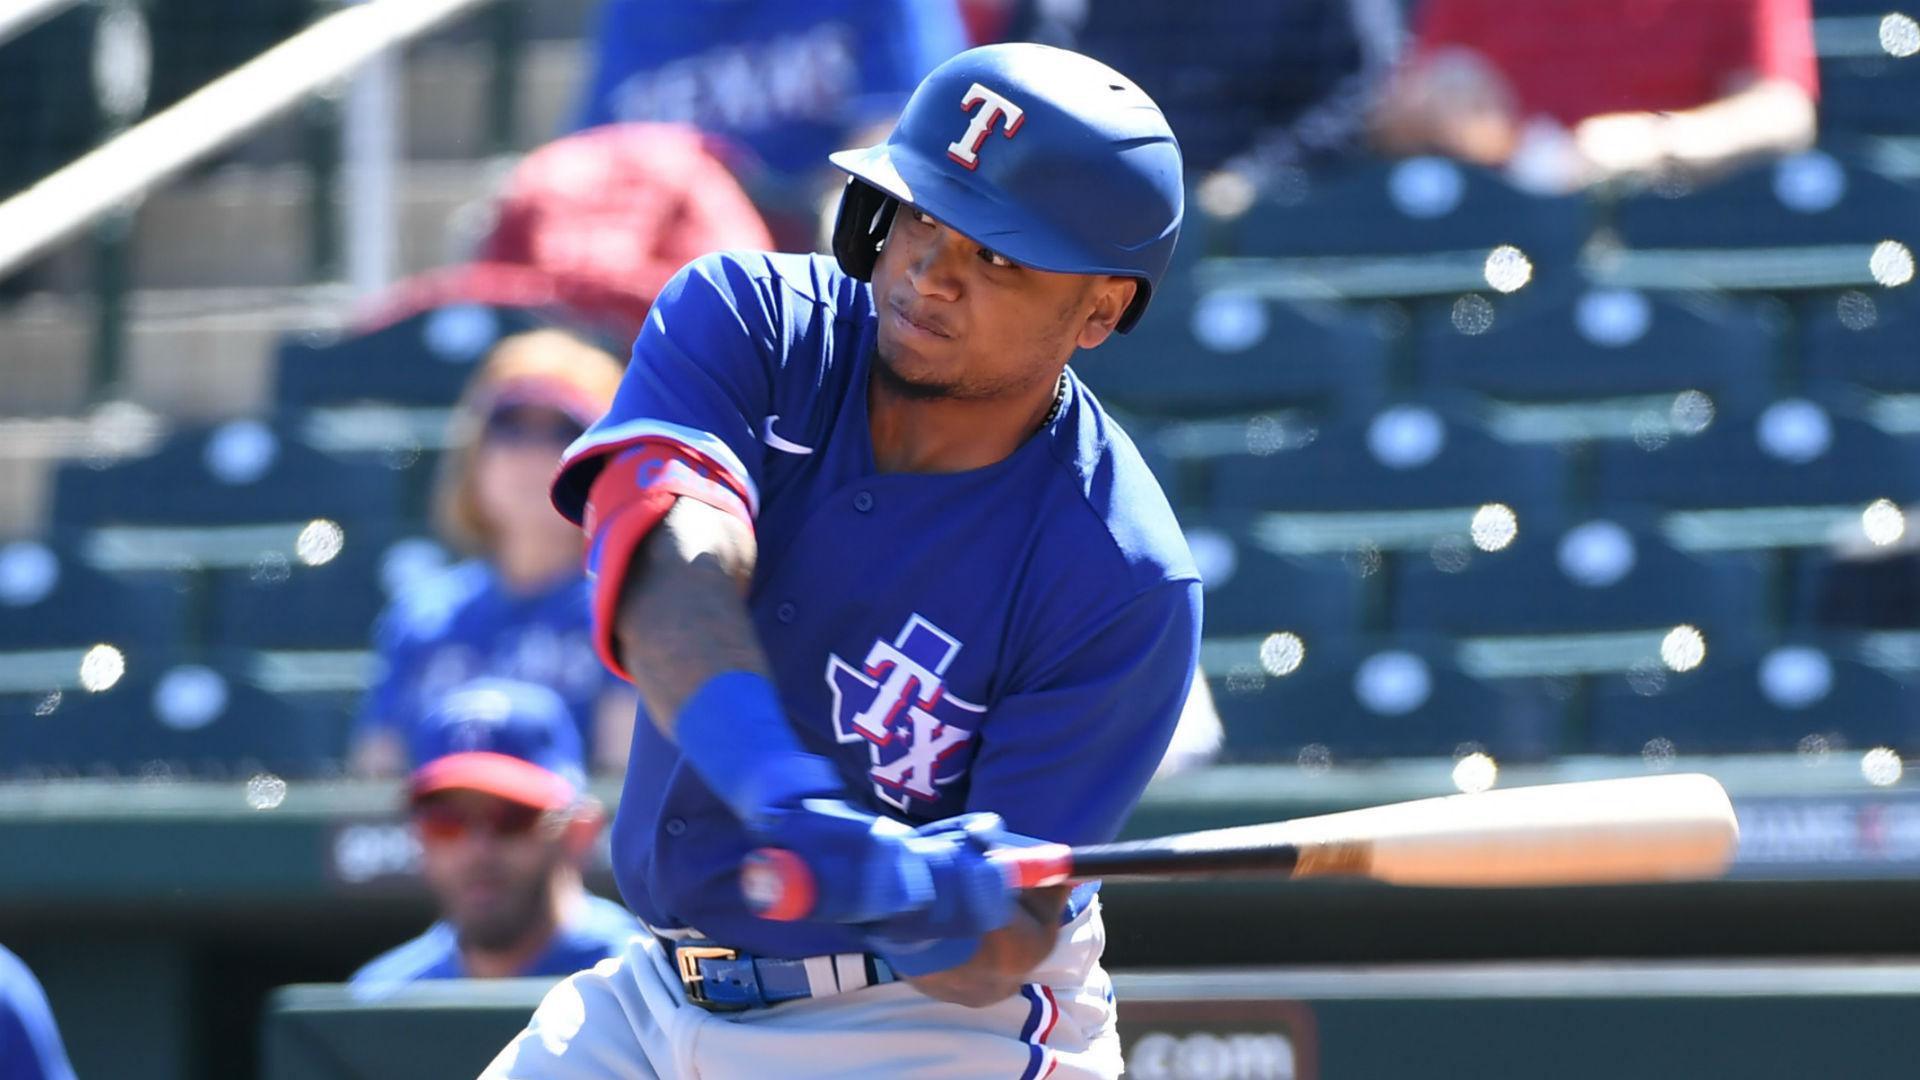 ¿Debería la MLB requerir cascos más seguros? El aterrador golpe por lanzamiento de Willie Calhoun muestra por qué eso podría tener sentido 31